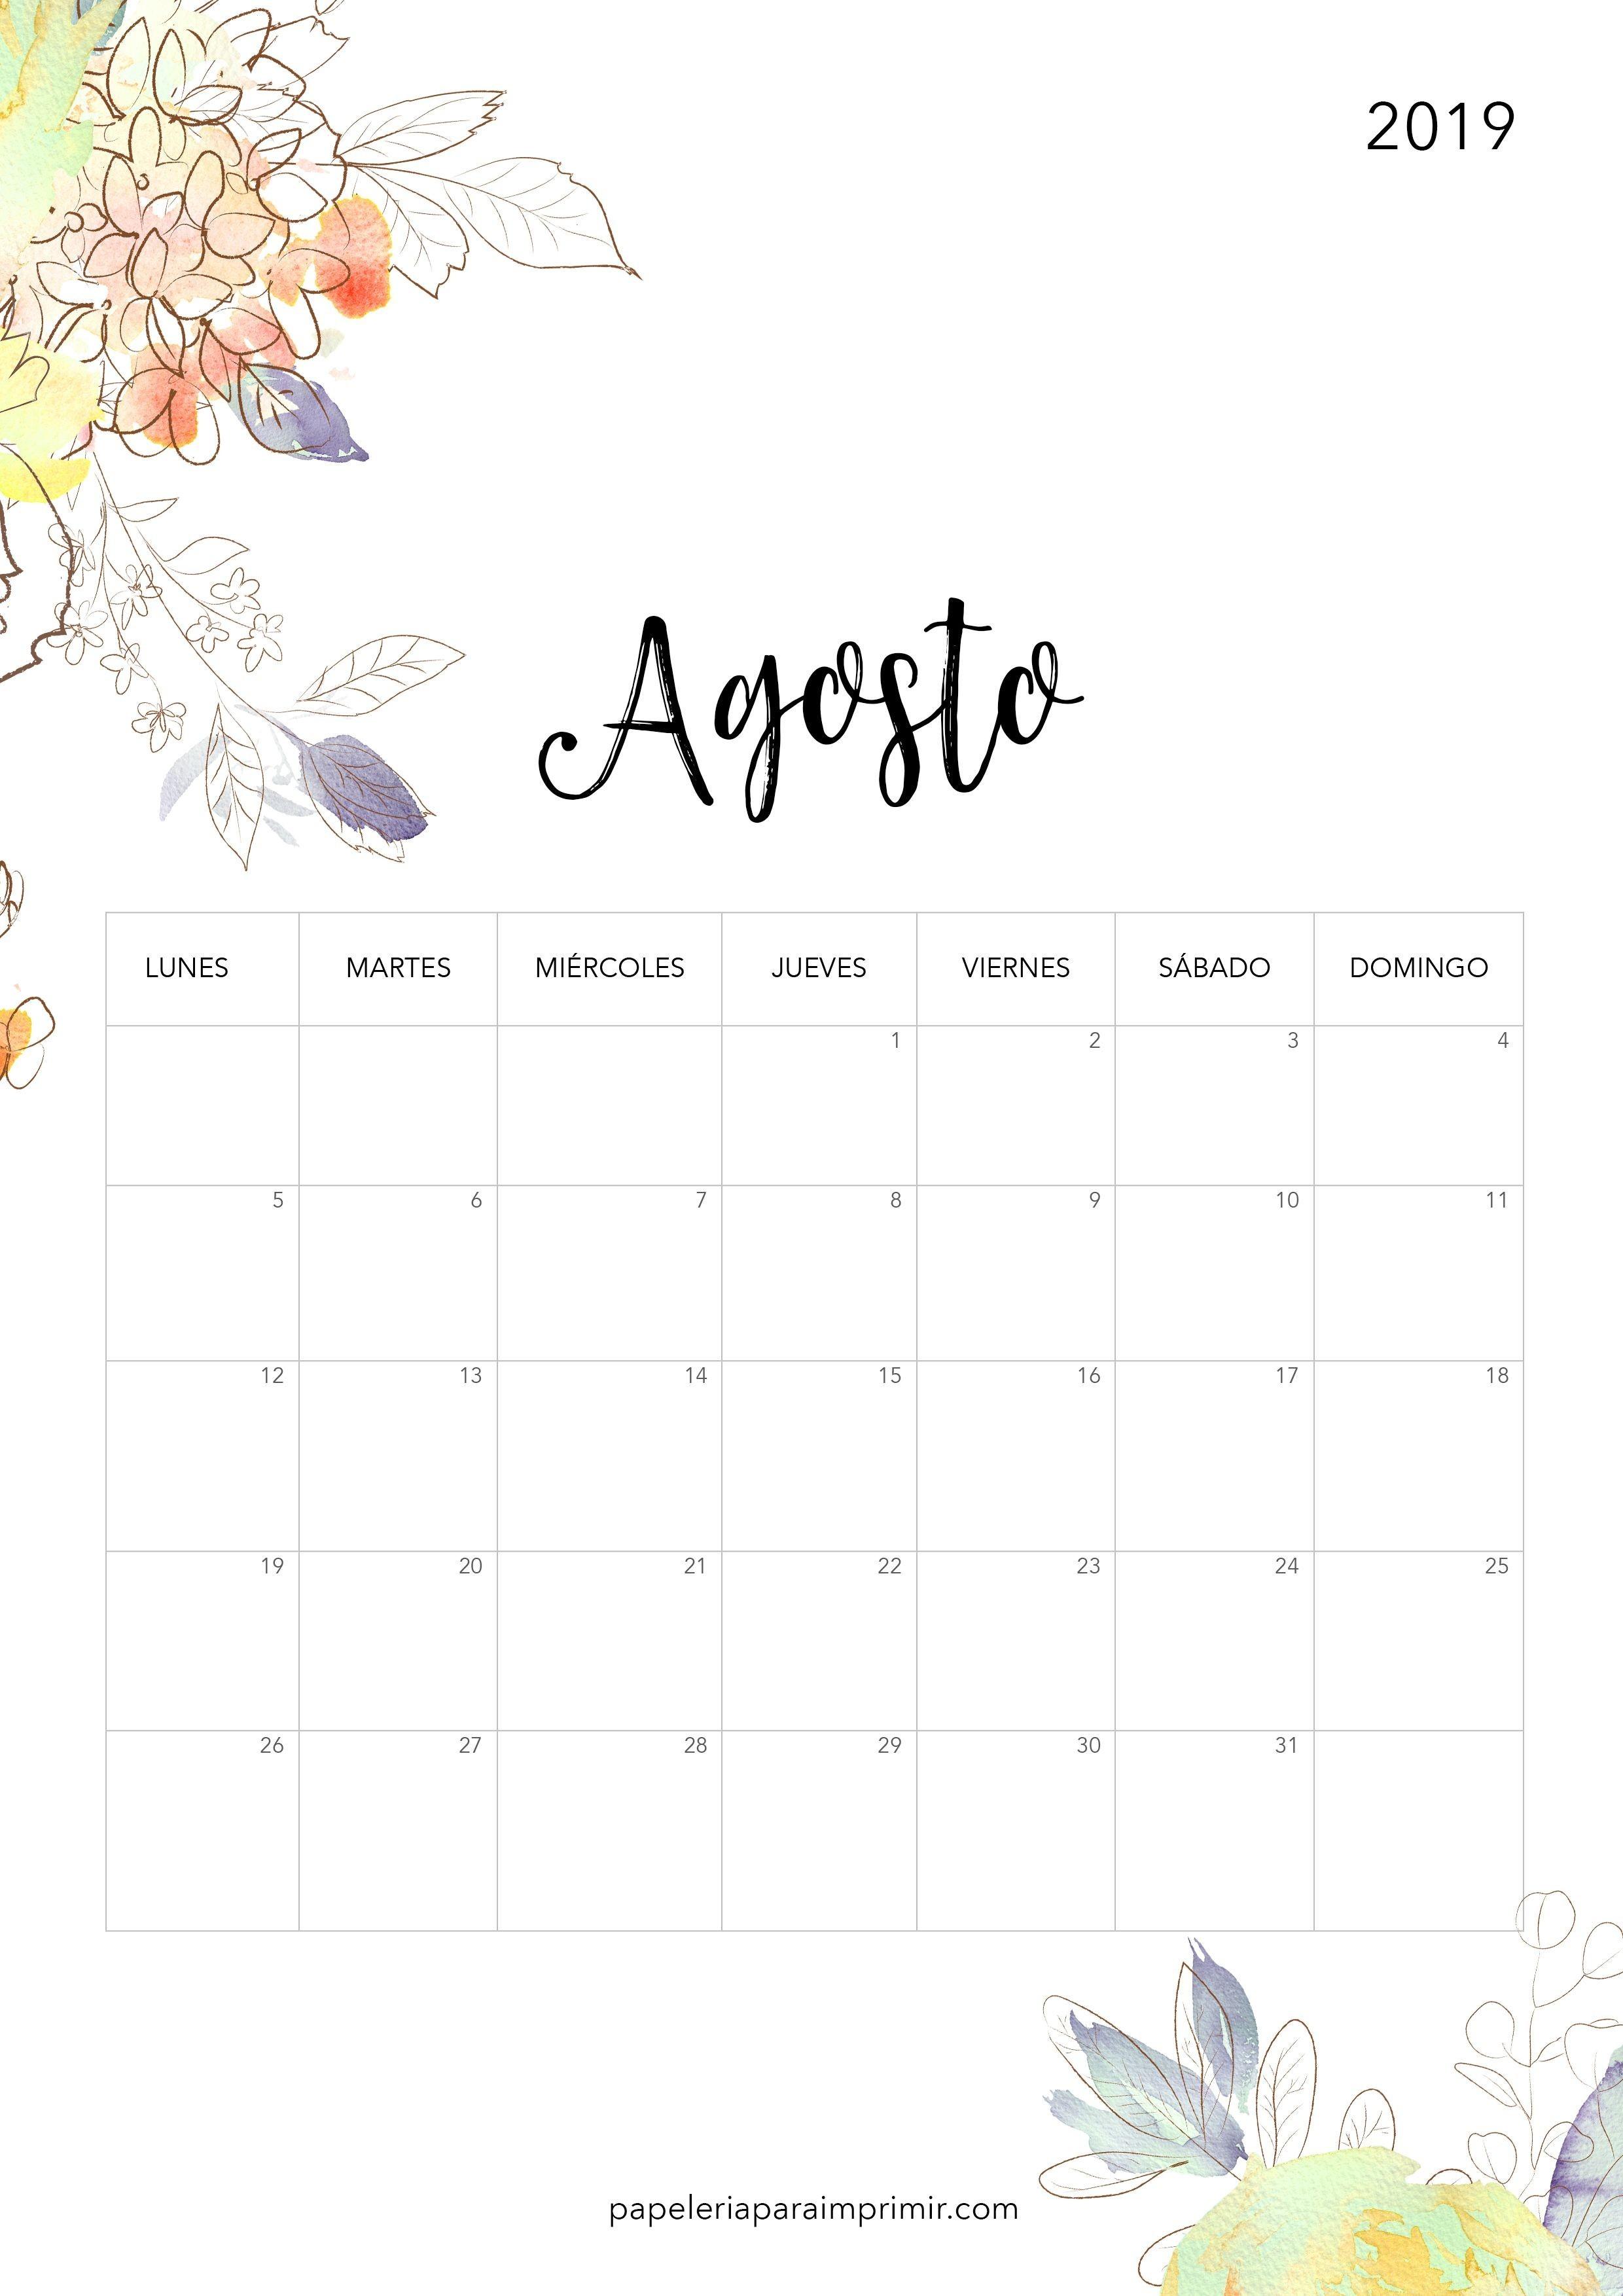 Calendario Septiembre 2019 Para Imprimir Gratis Más Actual Este Es Realmente Imprimir Calendario Septiembre Octubre 2019 Of Calendario Septiembre 2019 Para Imprimir Gratis Más Arriba-a-fecha Las 16 Grandes Apuestas De Colombia Para Cumplir Los Objetivos De